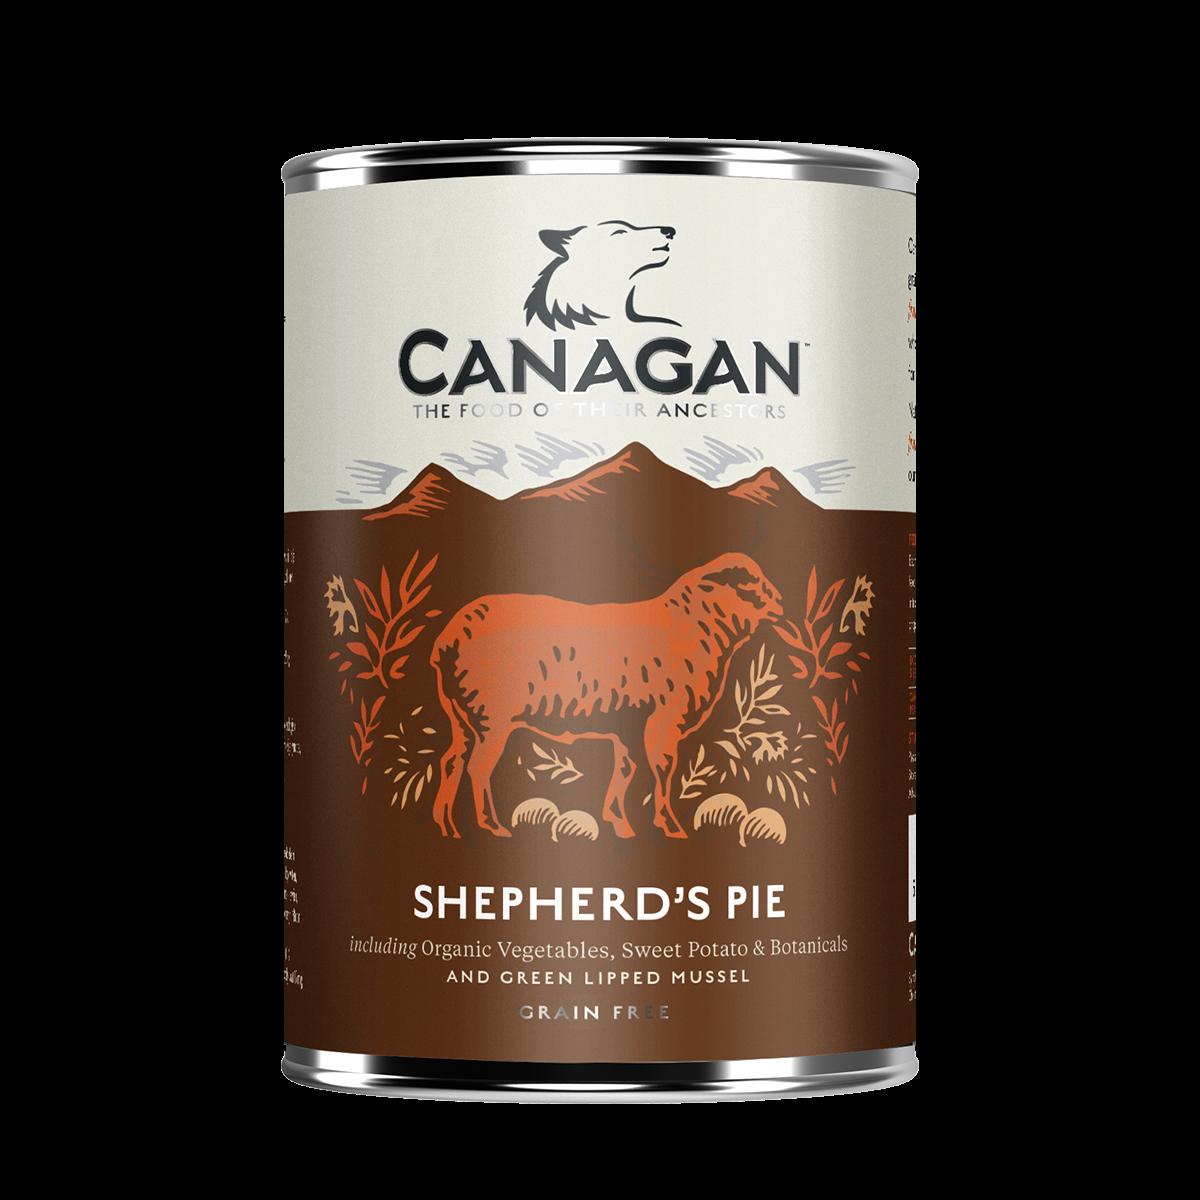 卡納根牧羊人派燉罐